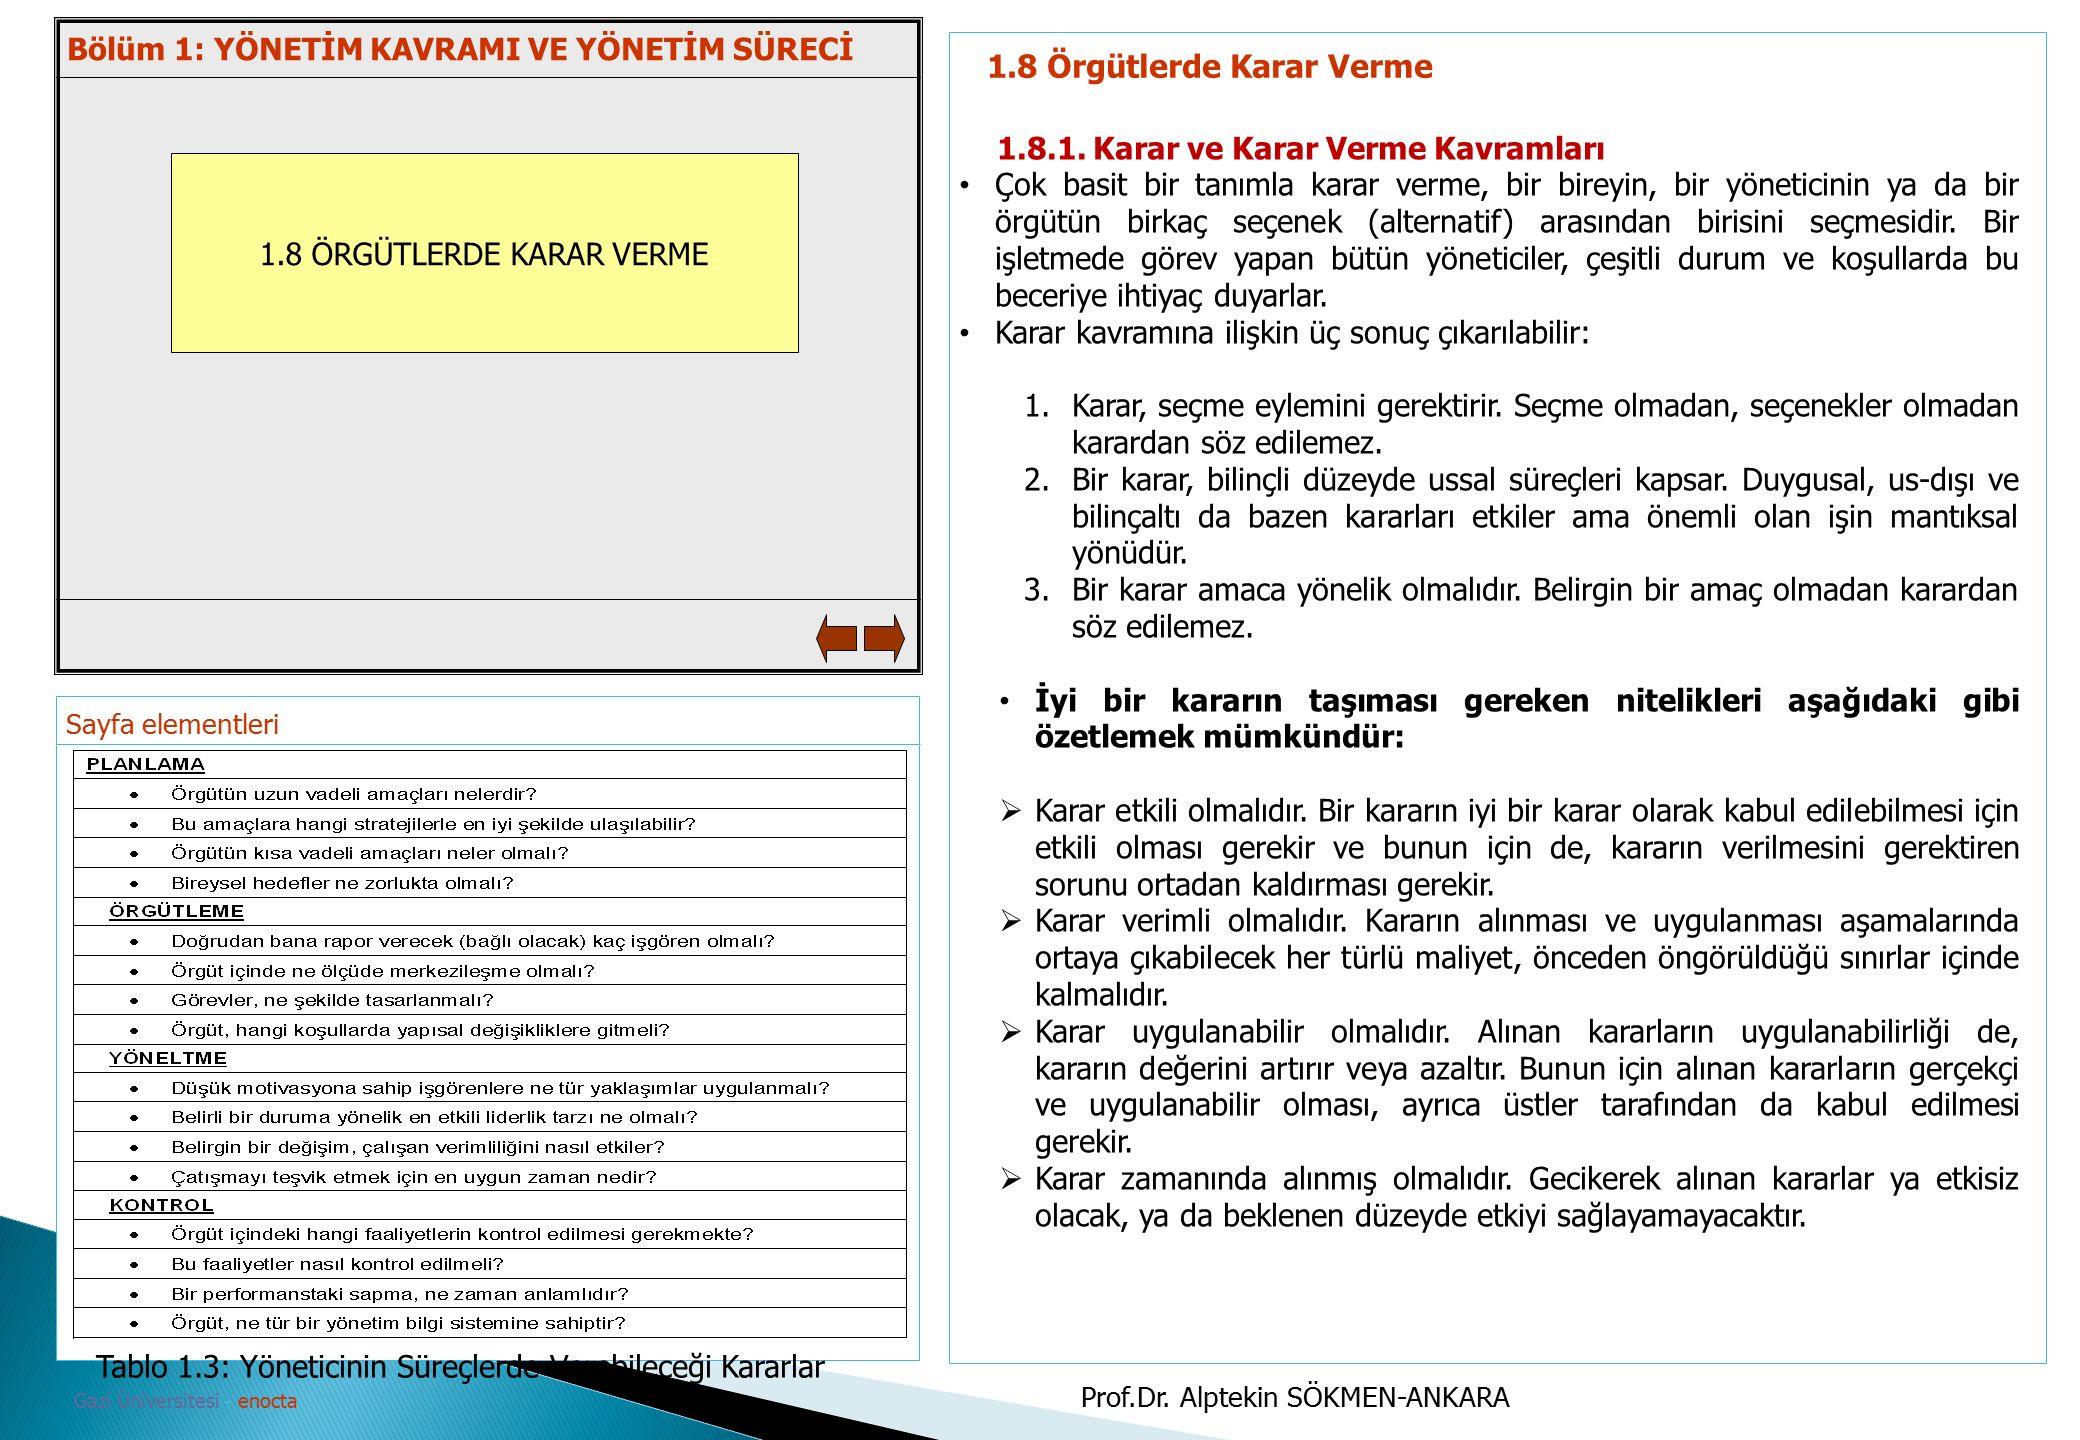 Sayfa elementleri Gazi Üniversitesi - enocta 1.8 ÖRGÜTLERDE KARAR VERME 1.8 Örgütlerde Karar Verme 1.8.2.